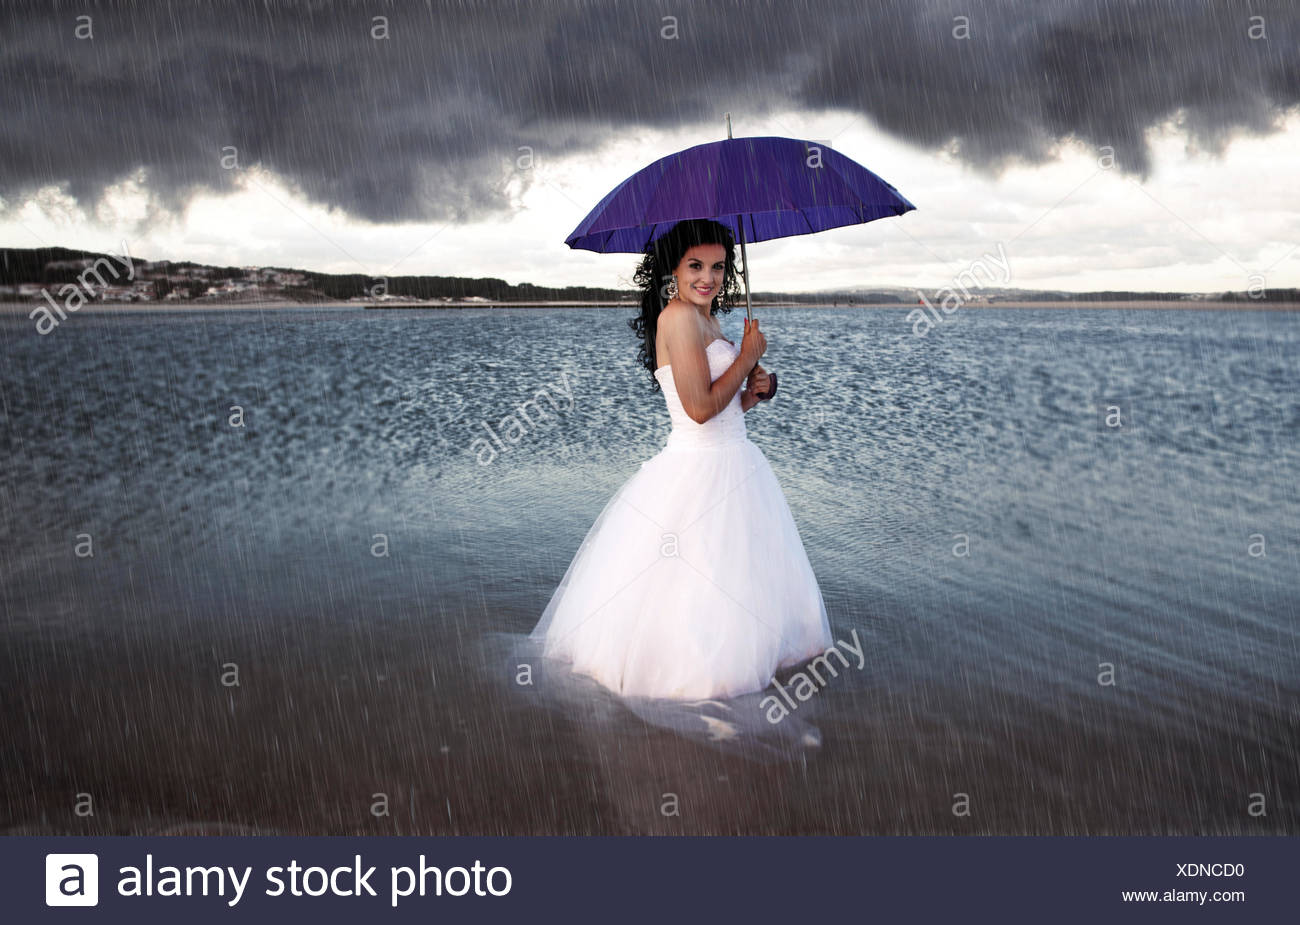 Braut mit Schirm im Regen Stockbild